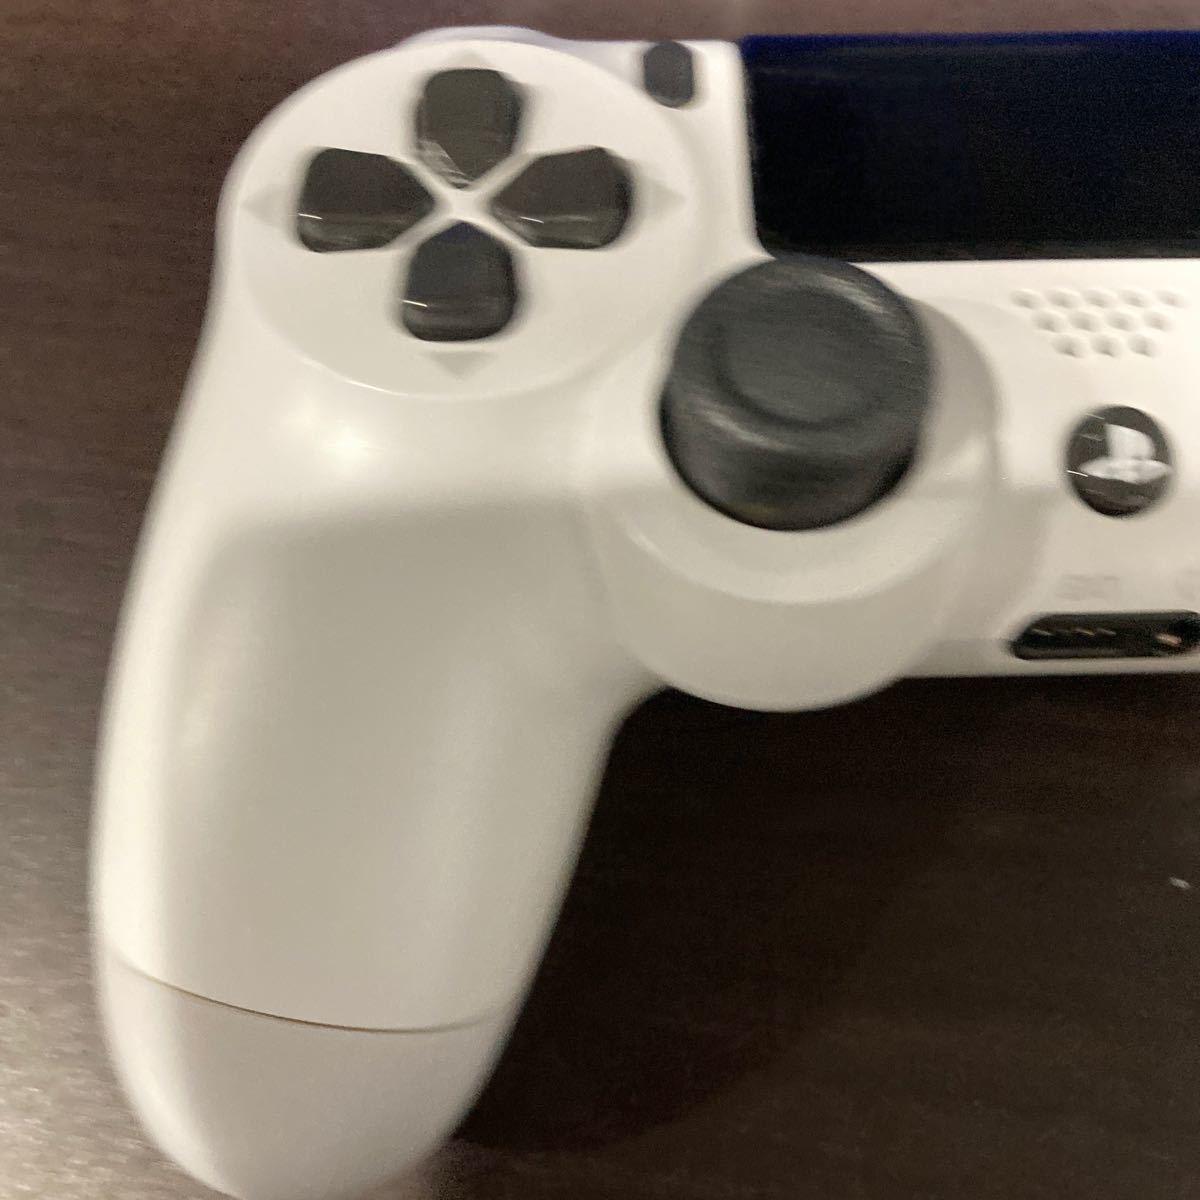 PS4 ワイヤレスコントローラー(DUALSHOCK4) グレイシャー・ホワイト